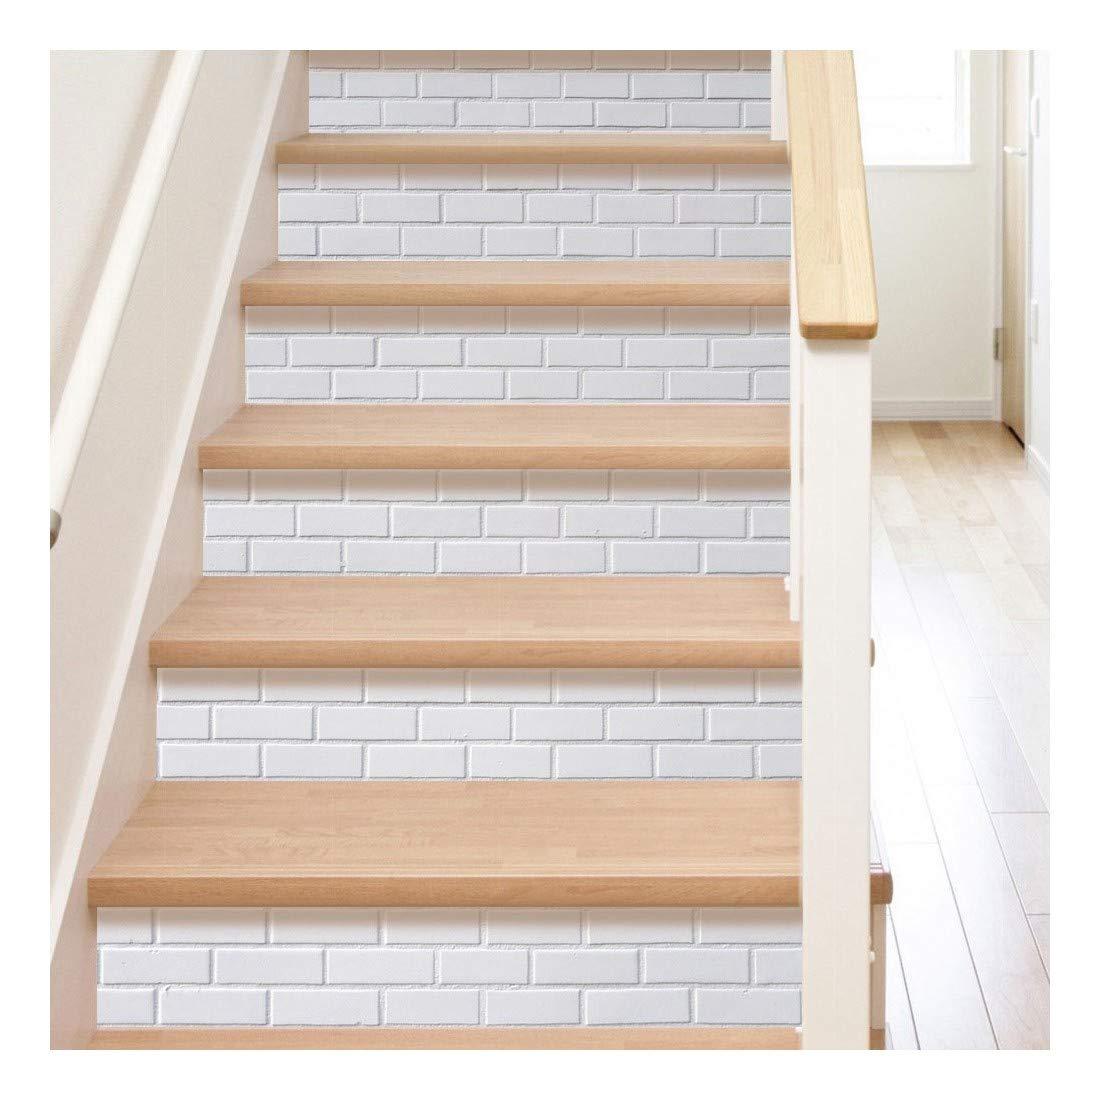 SERFGTFH Escaleras De Piedra Decoración Pegatinas Portes Paisaje 3D Home Escalera Decorativos Vinilos Adhesivos De Piso Impermeable De PVC Pegado Pegatinas De Pared: Amazon.es: Hogar